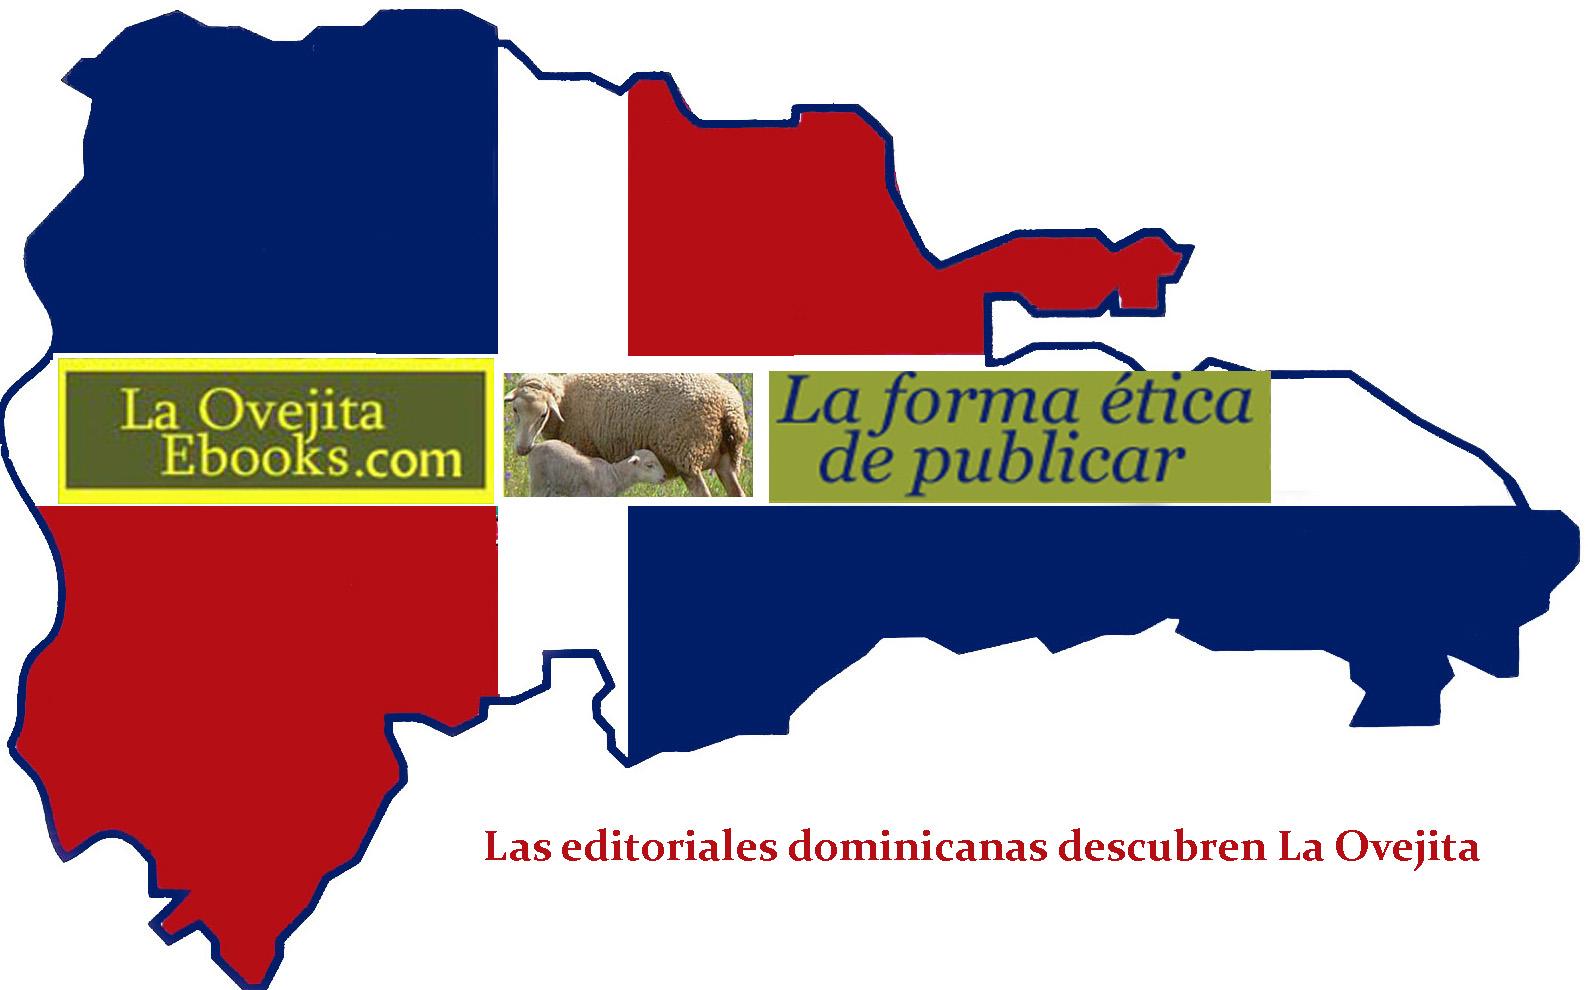 Las editoriales éticas descubren la publicación ética de La Ovejita